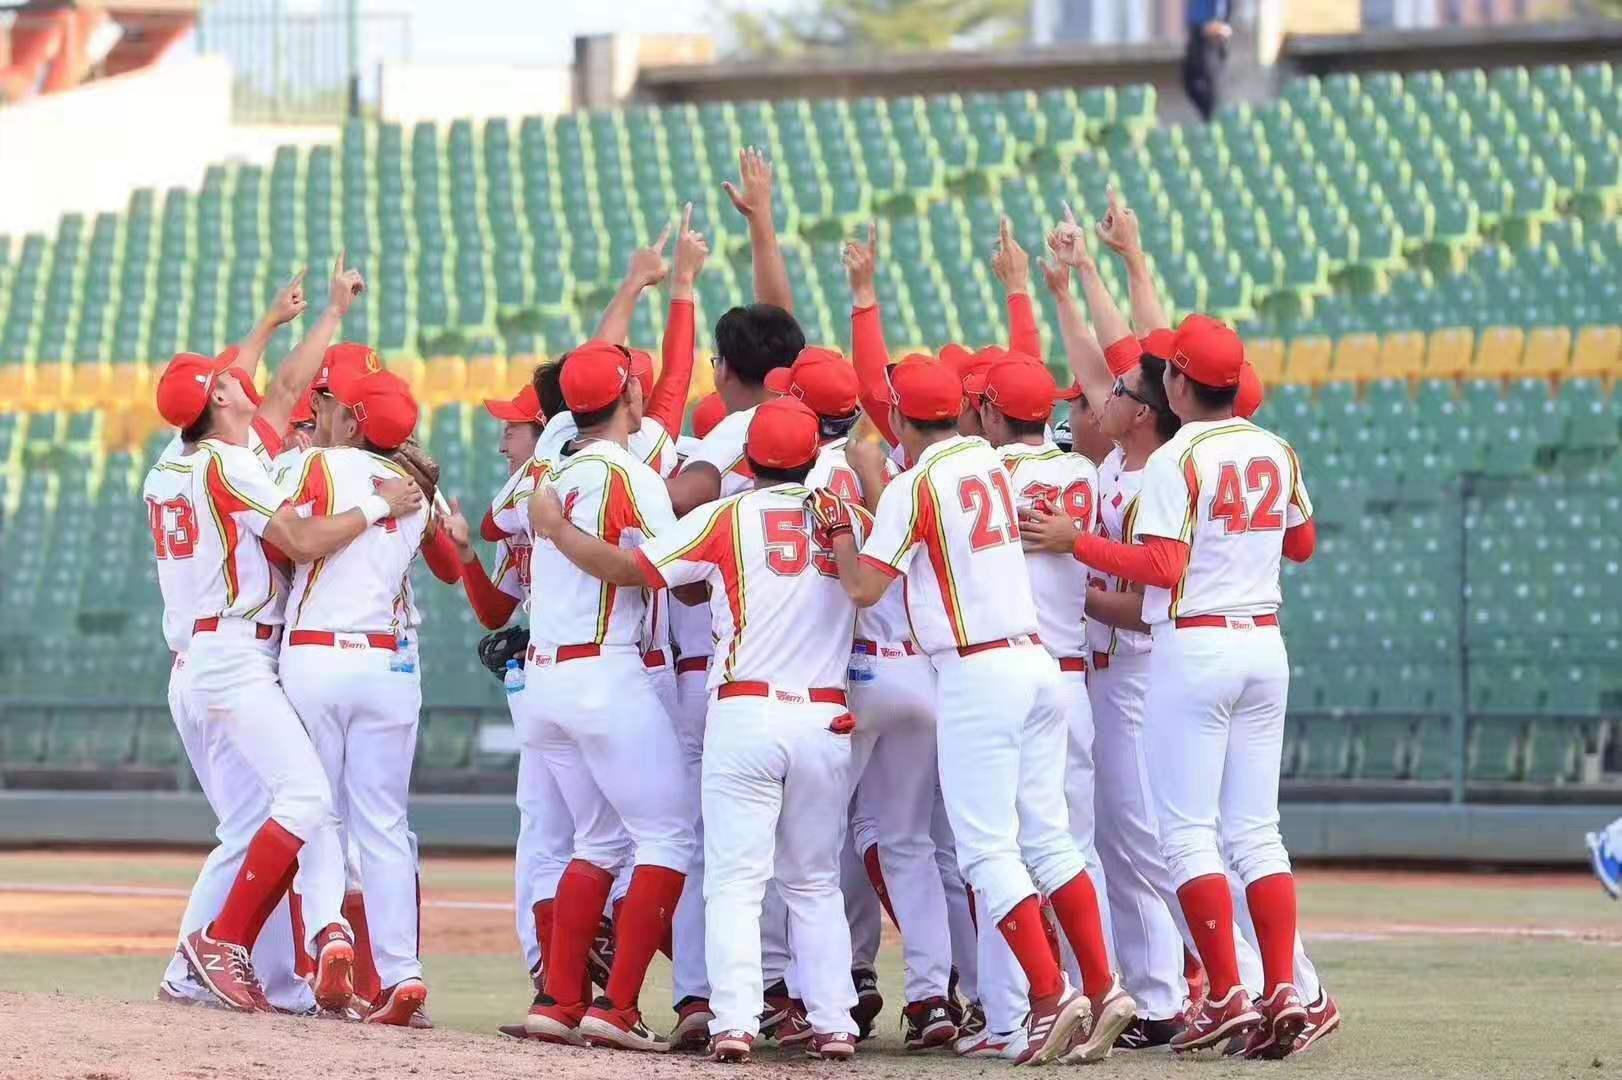 中国队获棒球亚锦赛第三 拿下奥运落选赛资格